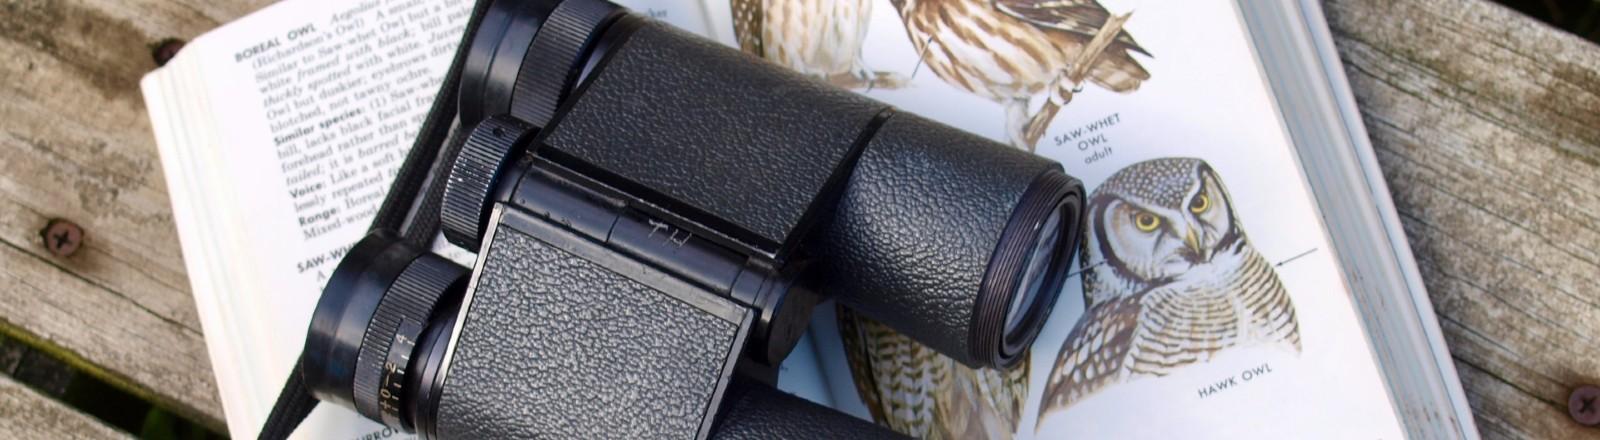 Fernglas auf einem Vogelbestimmungsbuch.